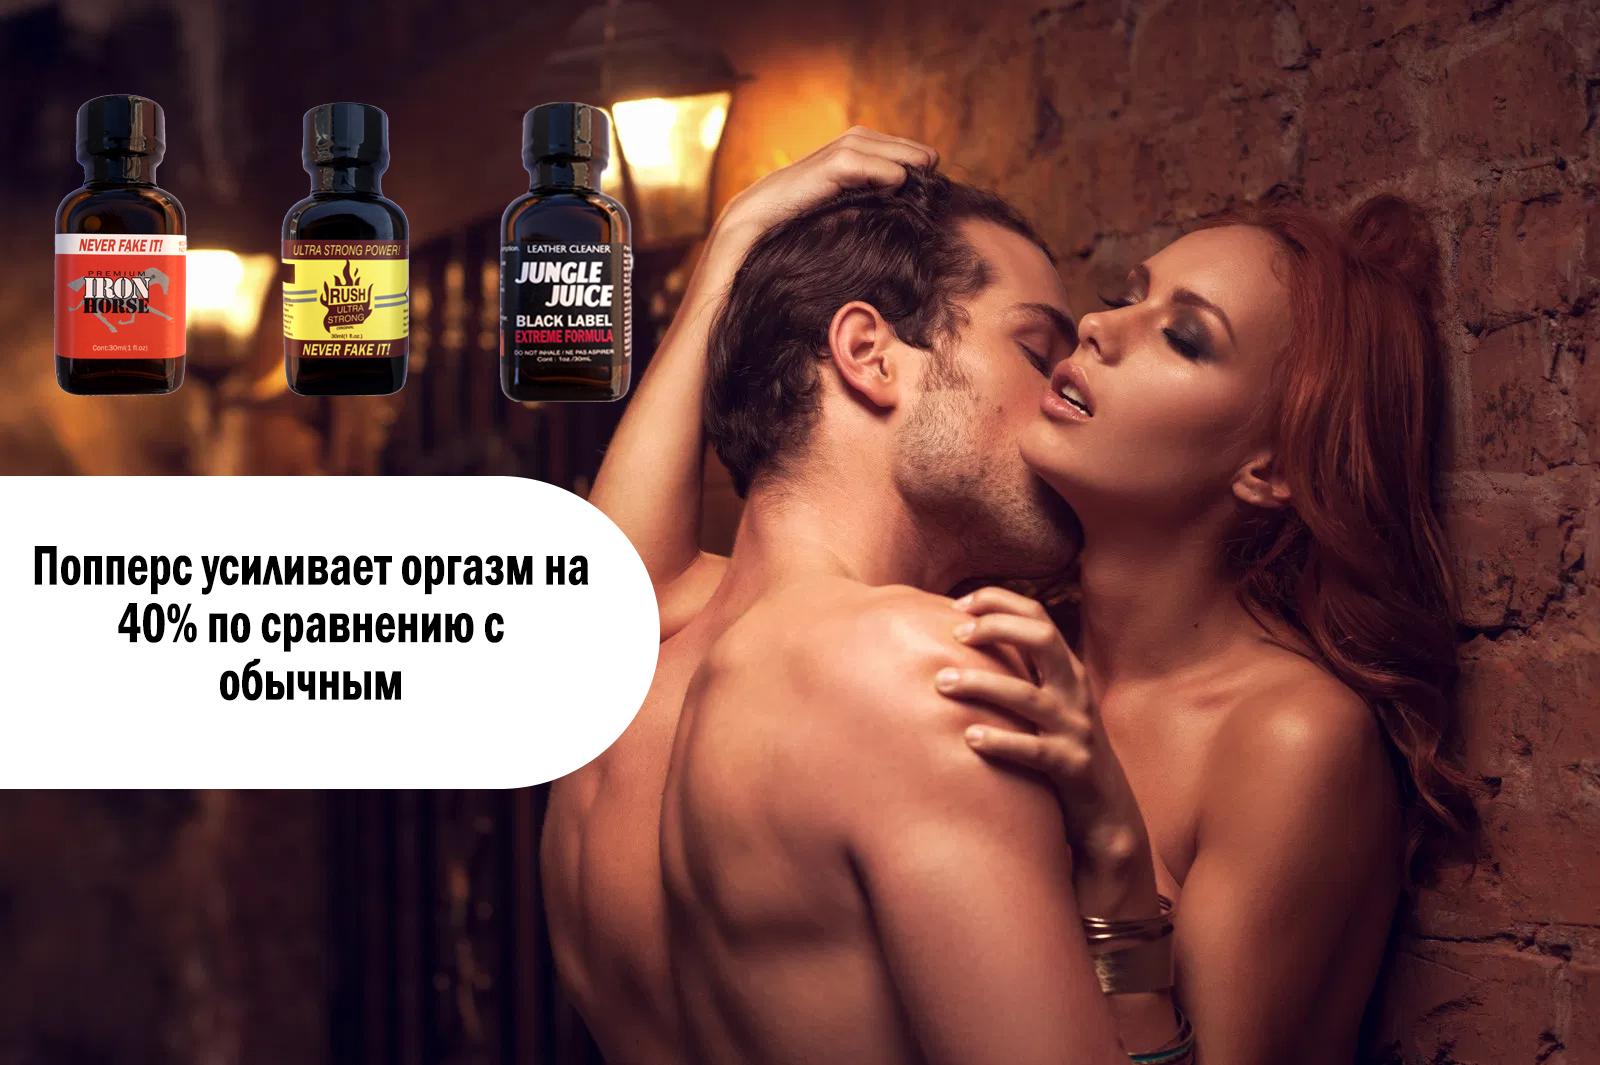 Купить попперс в Ростве-на-Дону